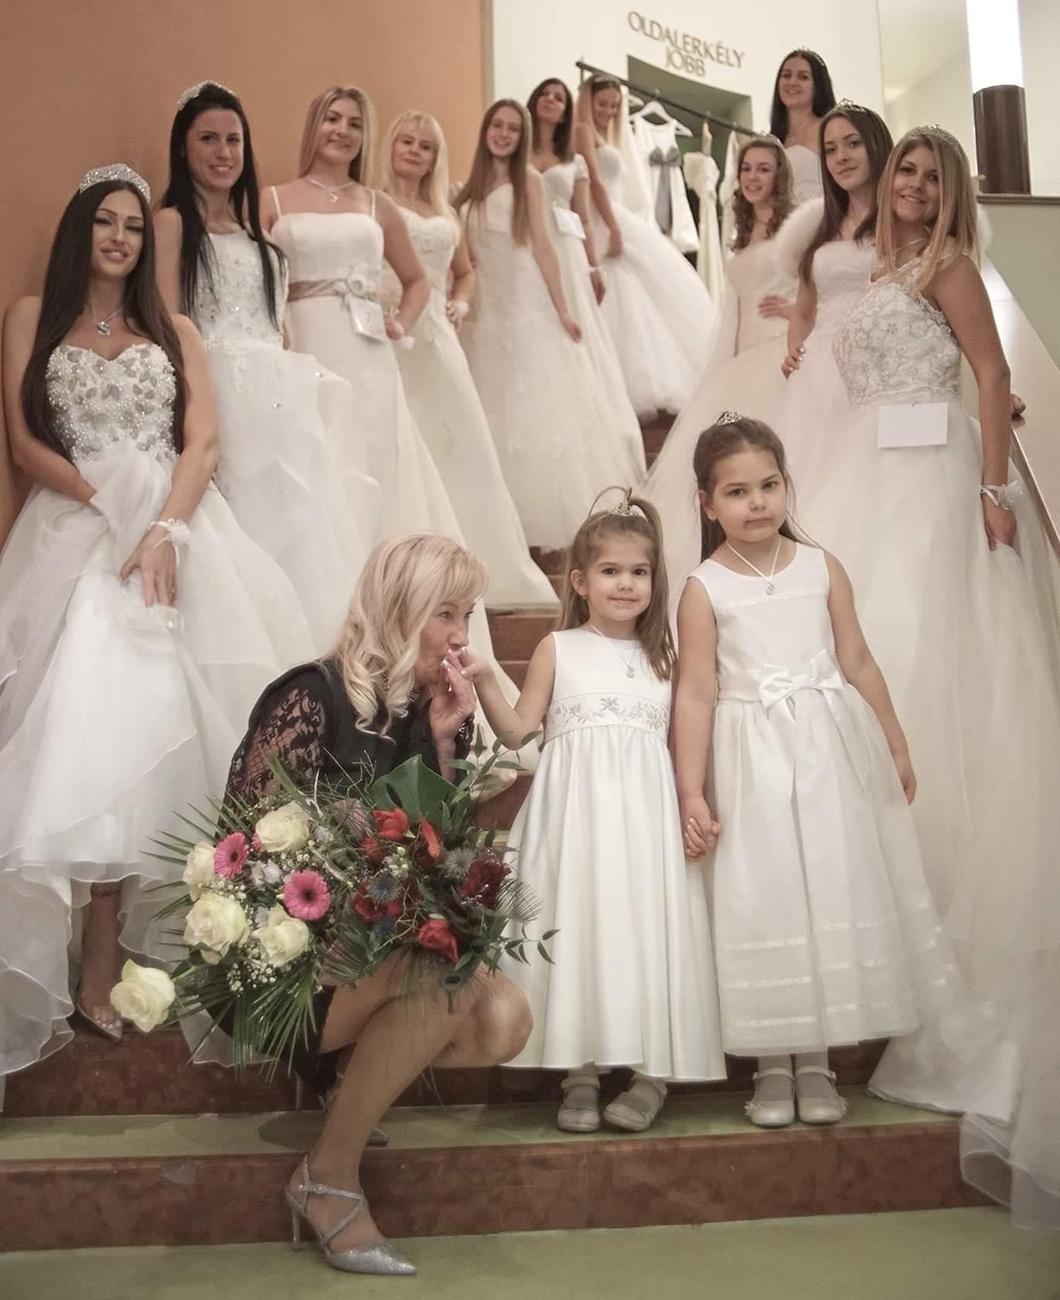 menyasszonyi ruhavarrás, Koszorúslány és menyasszonyi ruhavarrás, kölcsönzés egy helyen – A Sissi Méteráru és Rövidáru Princess & Menyasszonyi Ruhák üzletben mindent megtalál, ami az álomruhához kell